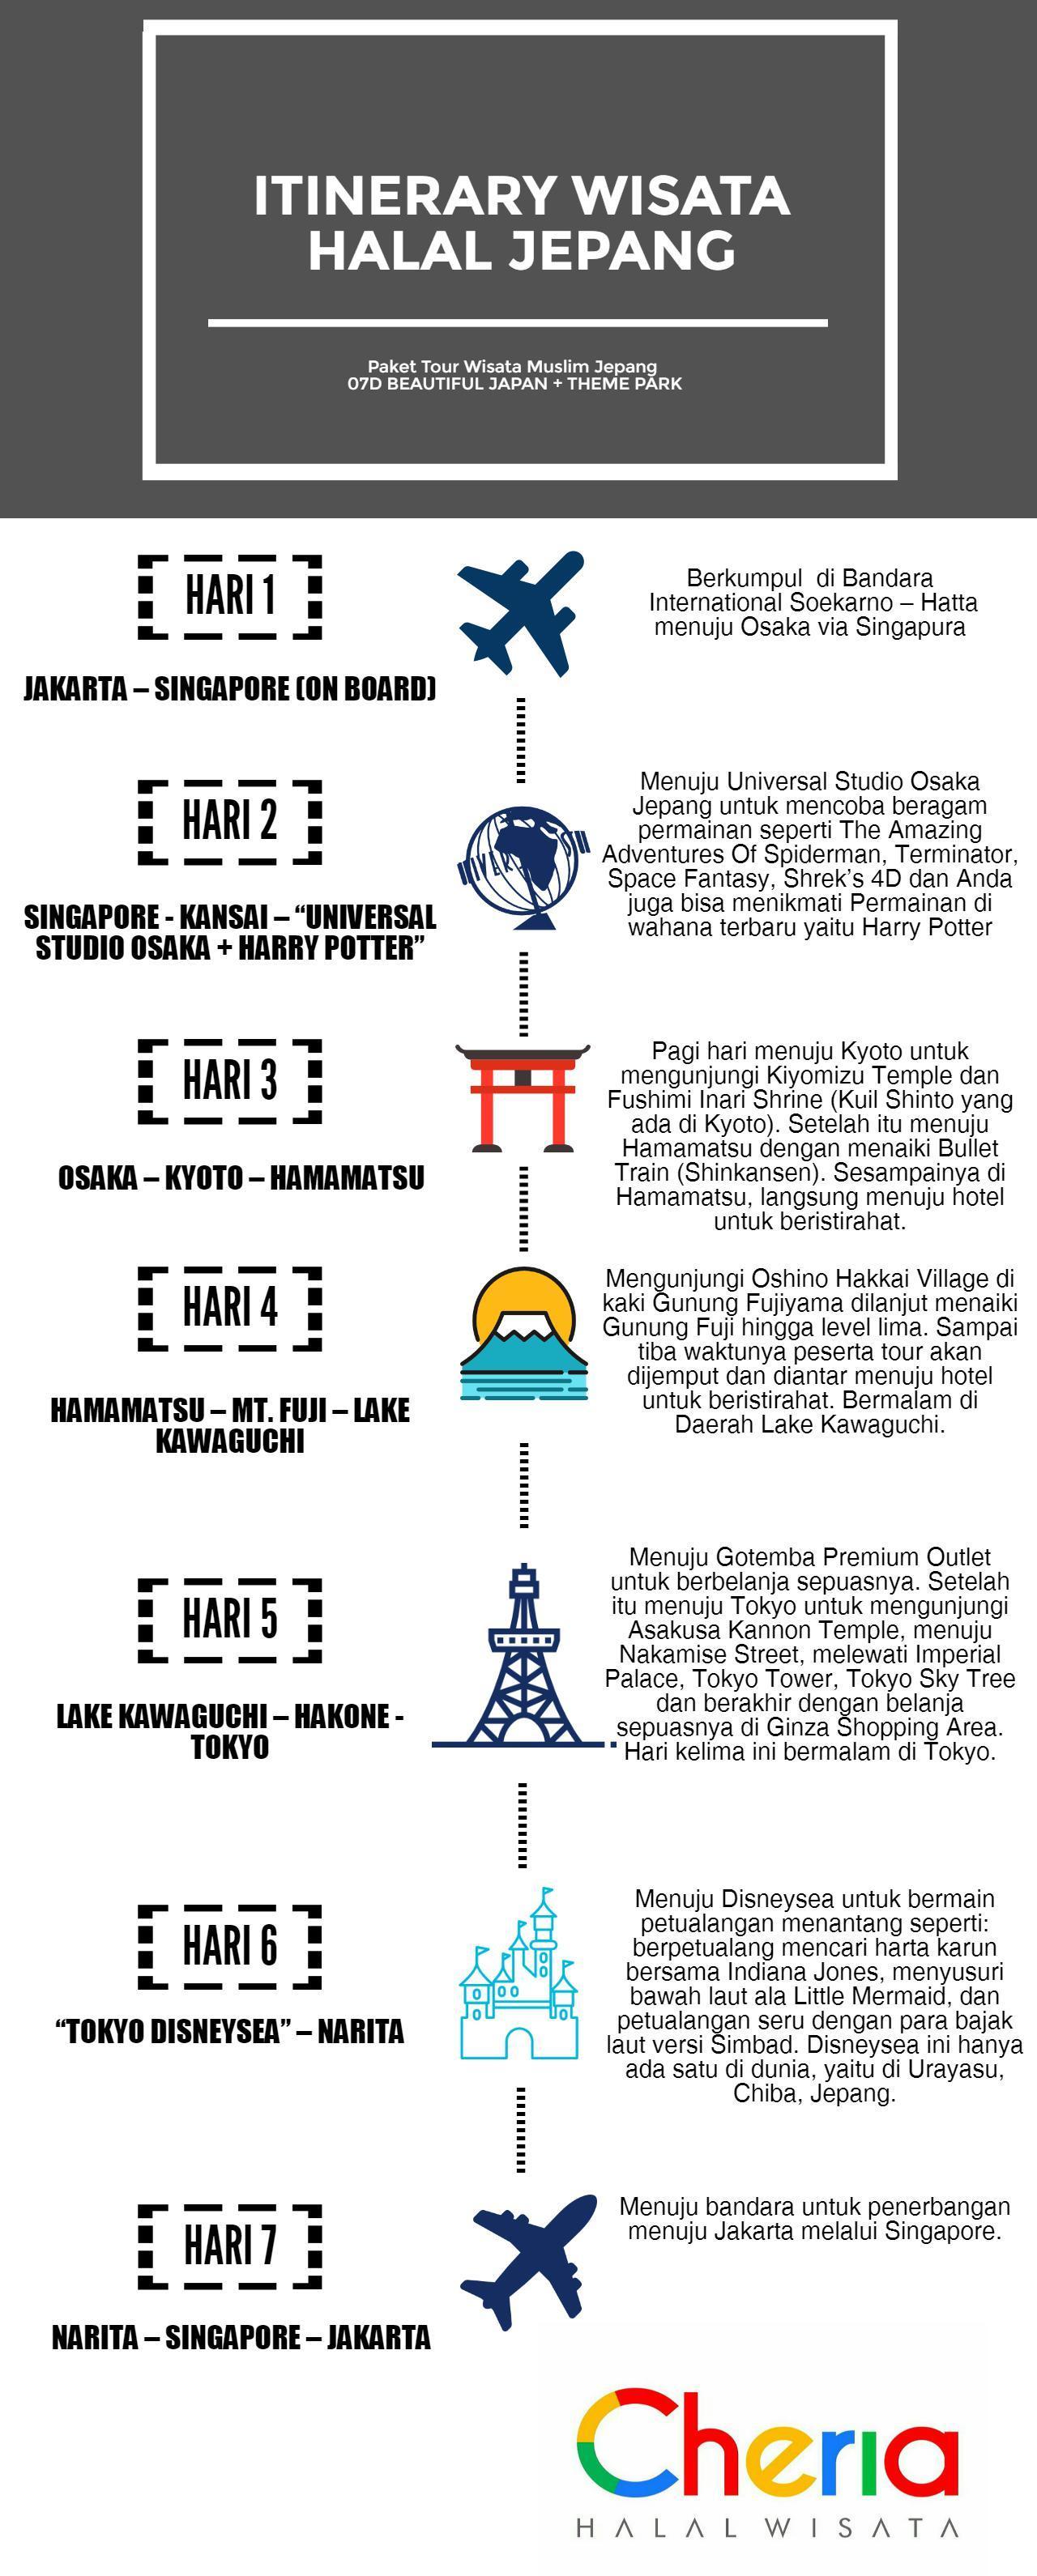 itinerary wisata halal Jepang (2)